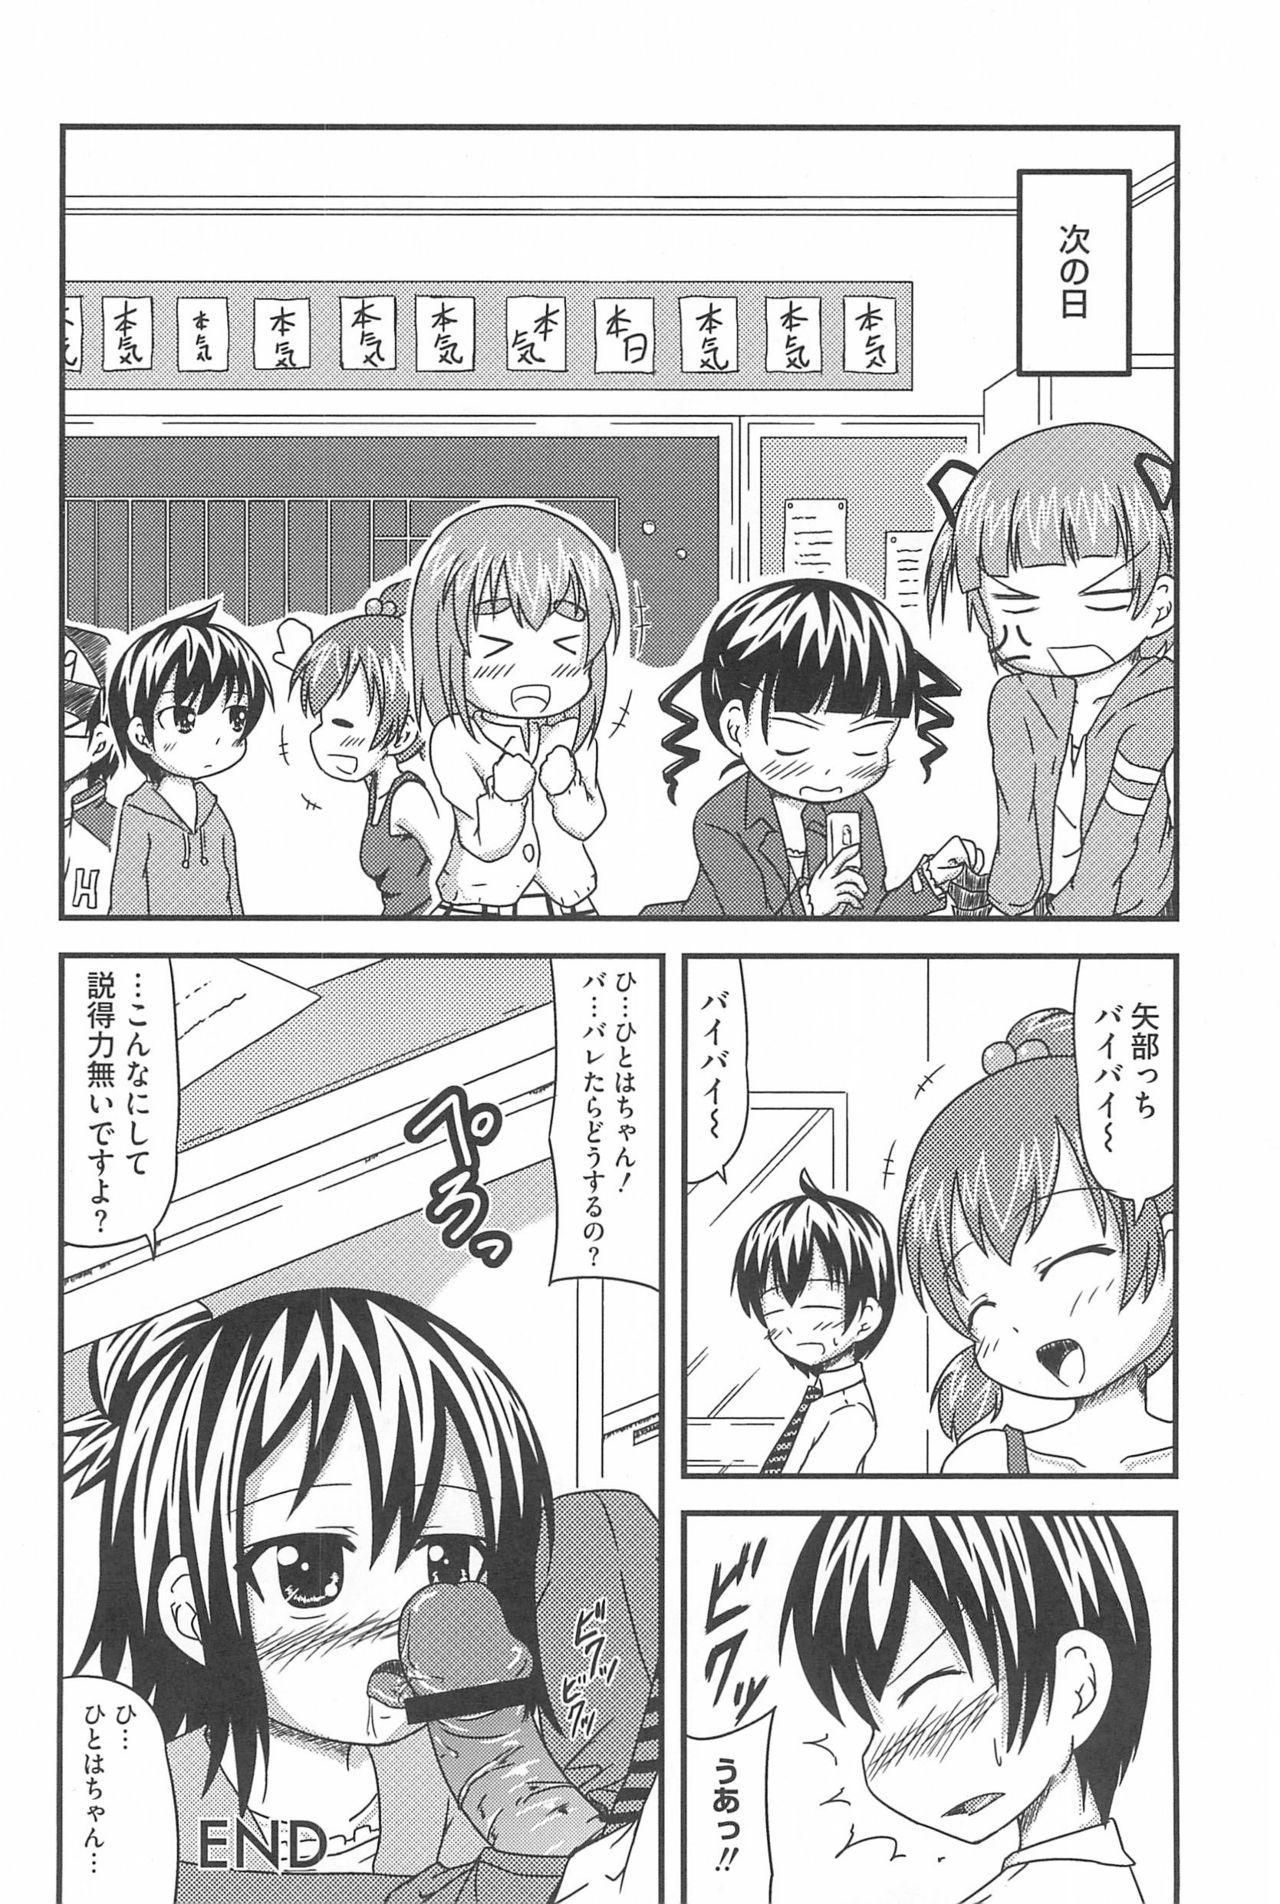 [Anthology] 3-tsugo 3 Shimai no Seiyoku wa 3-bai (Mitsudomoe) 59